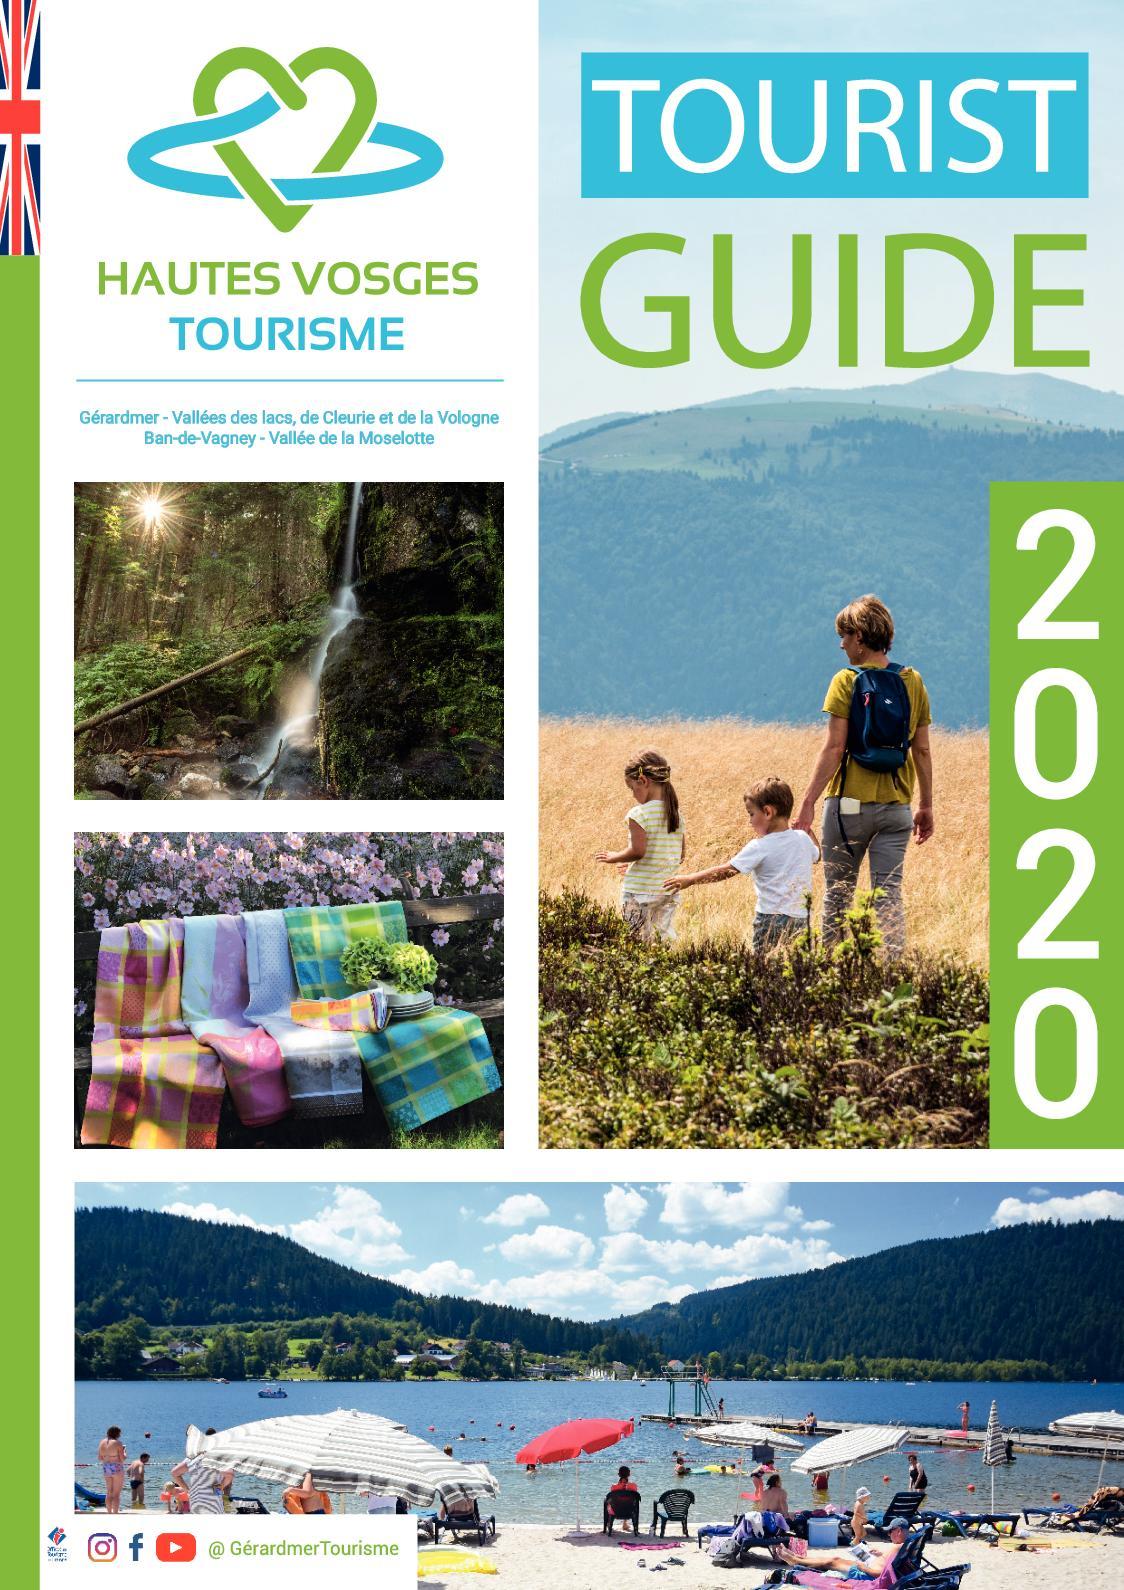 Jardin De Berchigranges Élégant Calaméo tourist Guide 2020 Hautes Vosges Of 23 Inspirant Jardin De Berchigranges